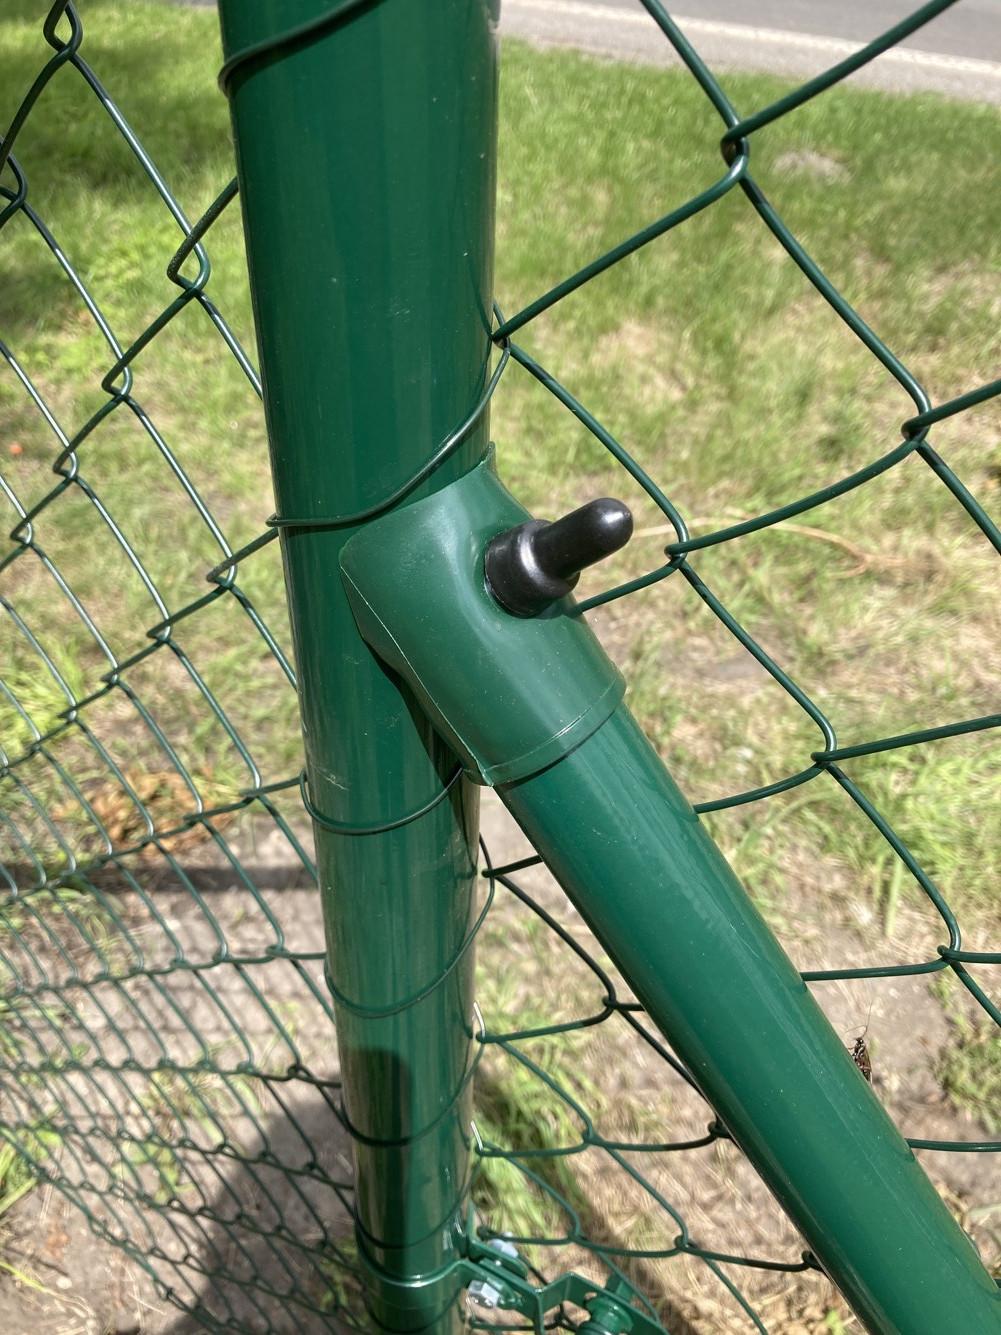 Vzpěra poplastovaná - Zn+PVC, výška 300 cm, 38 mm průměr